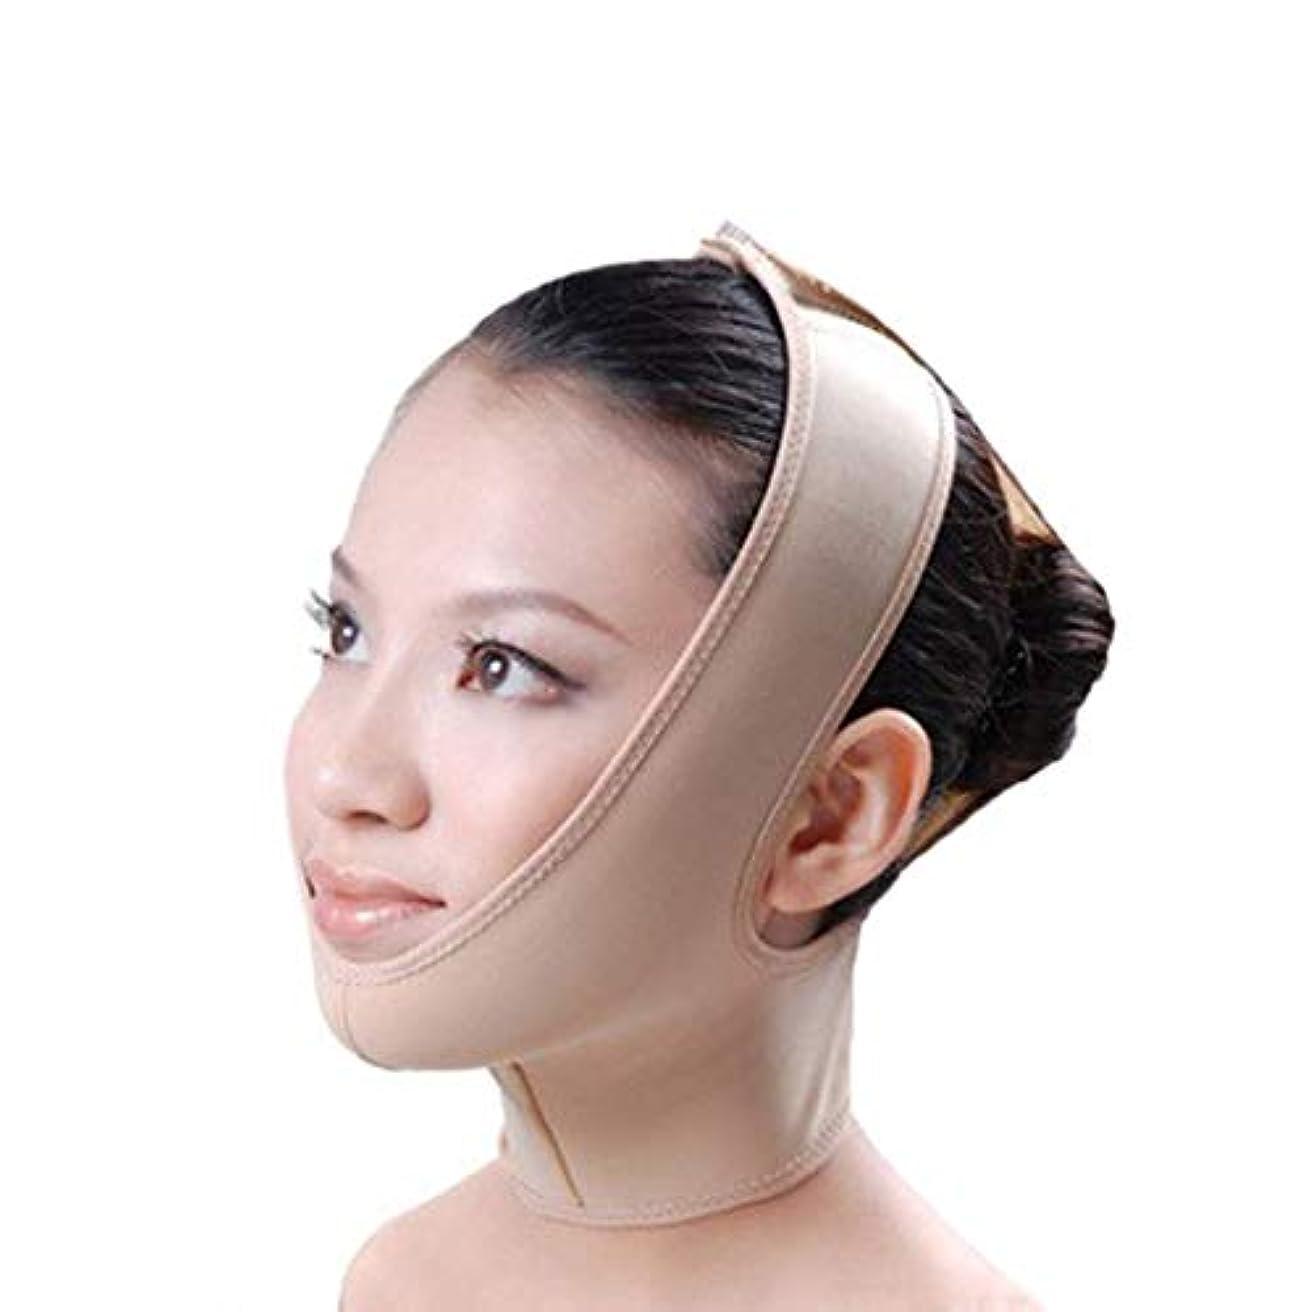 スラム街毒ハイキングフェイススリム、リフティングマスク、包帯リフト、二重あご、引き締めフェイシャルリフト、フェイシャル減量マスク、リフティングスキン包帯(サイズ:XL),L